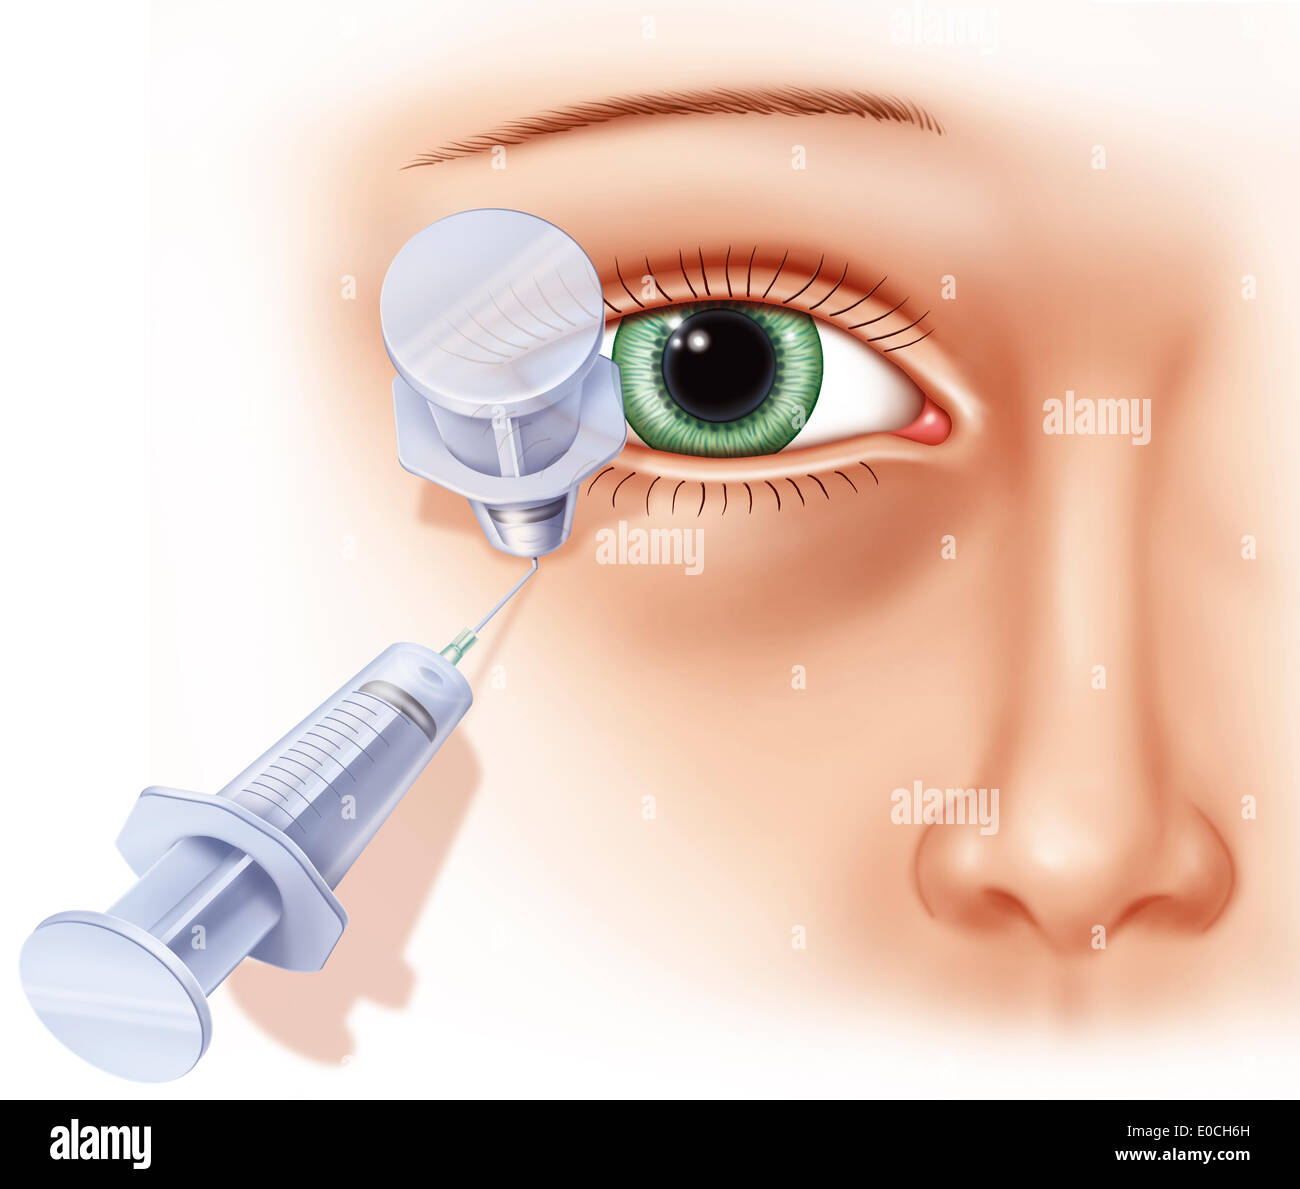 Peribulbar anaesthesia - Stock Image